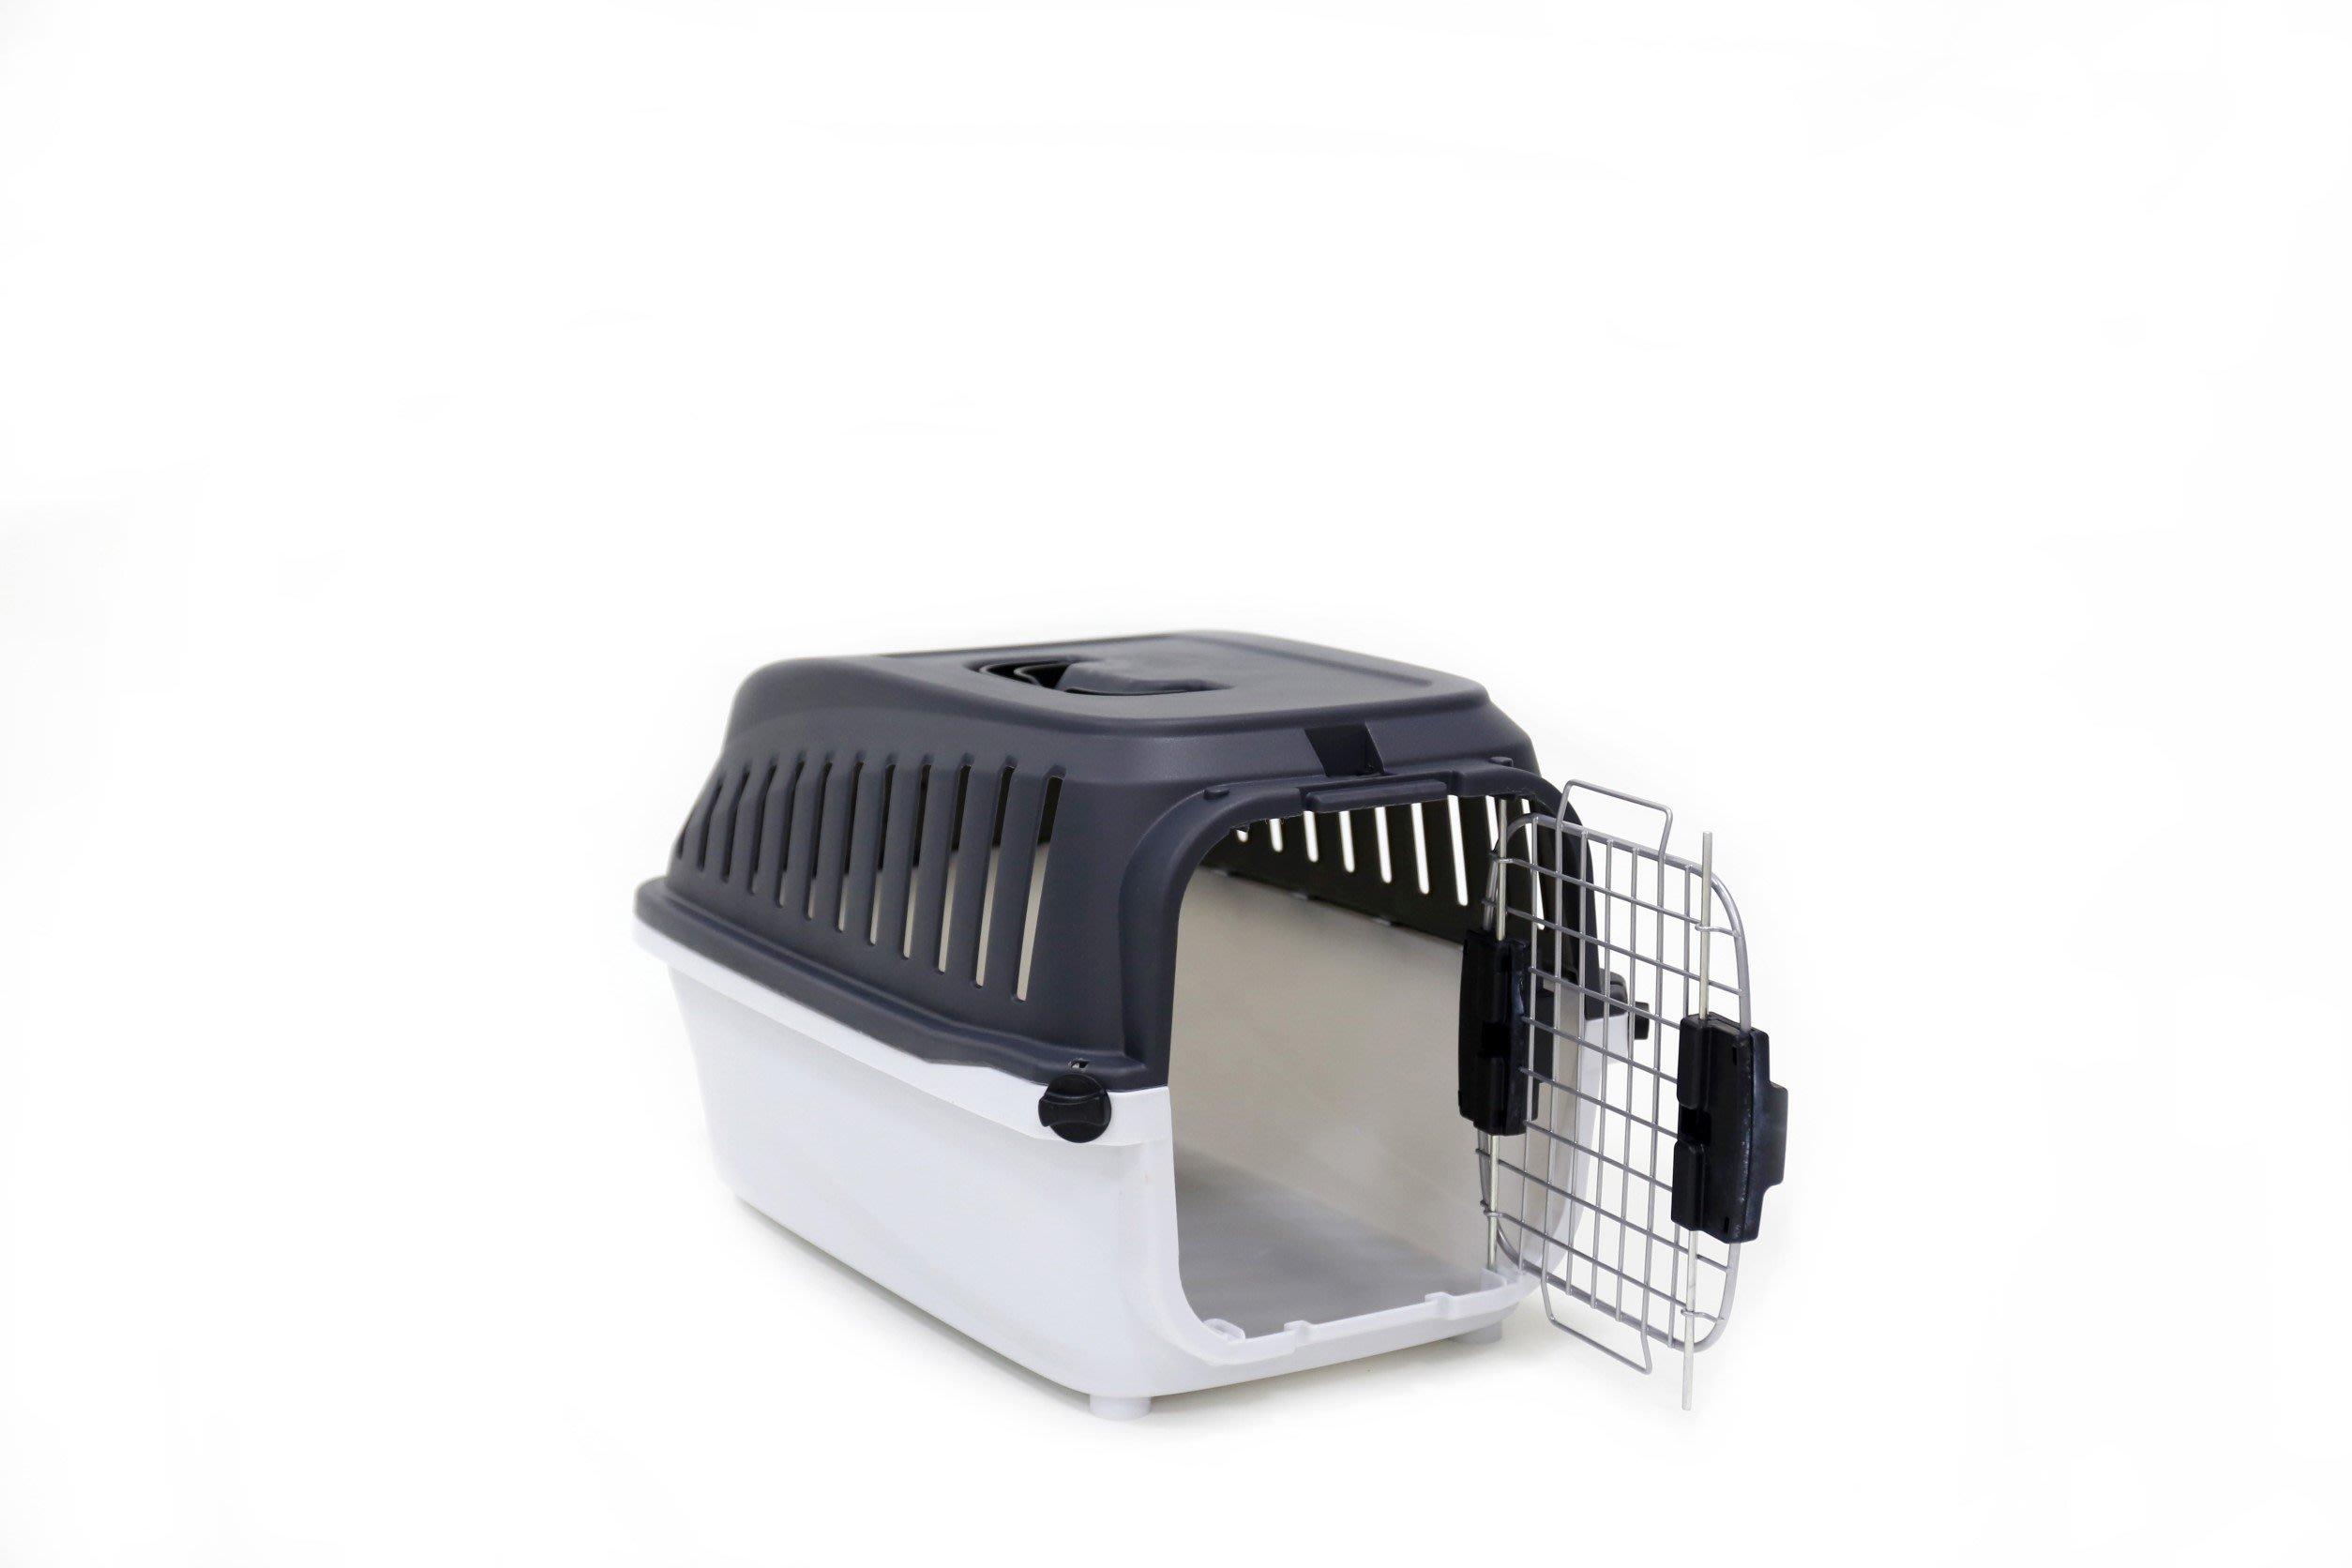 【優比寵物】馬卡龍-旺喵提籠(M款)NO.C610-1/運輸籠/手提籠/外出籠/寵物籠-貓用品區/優惠價